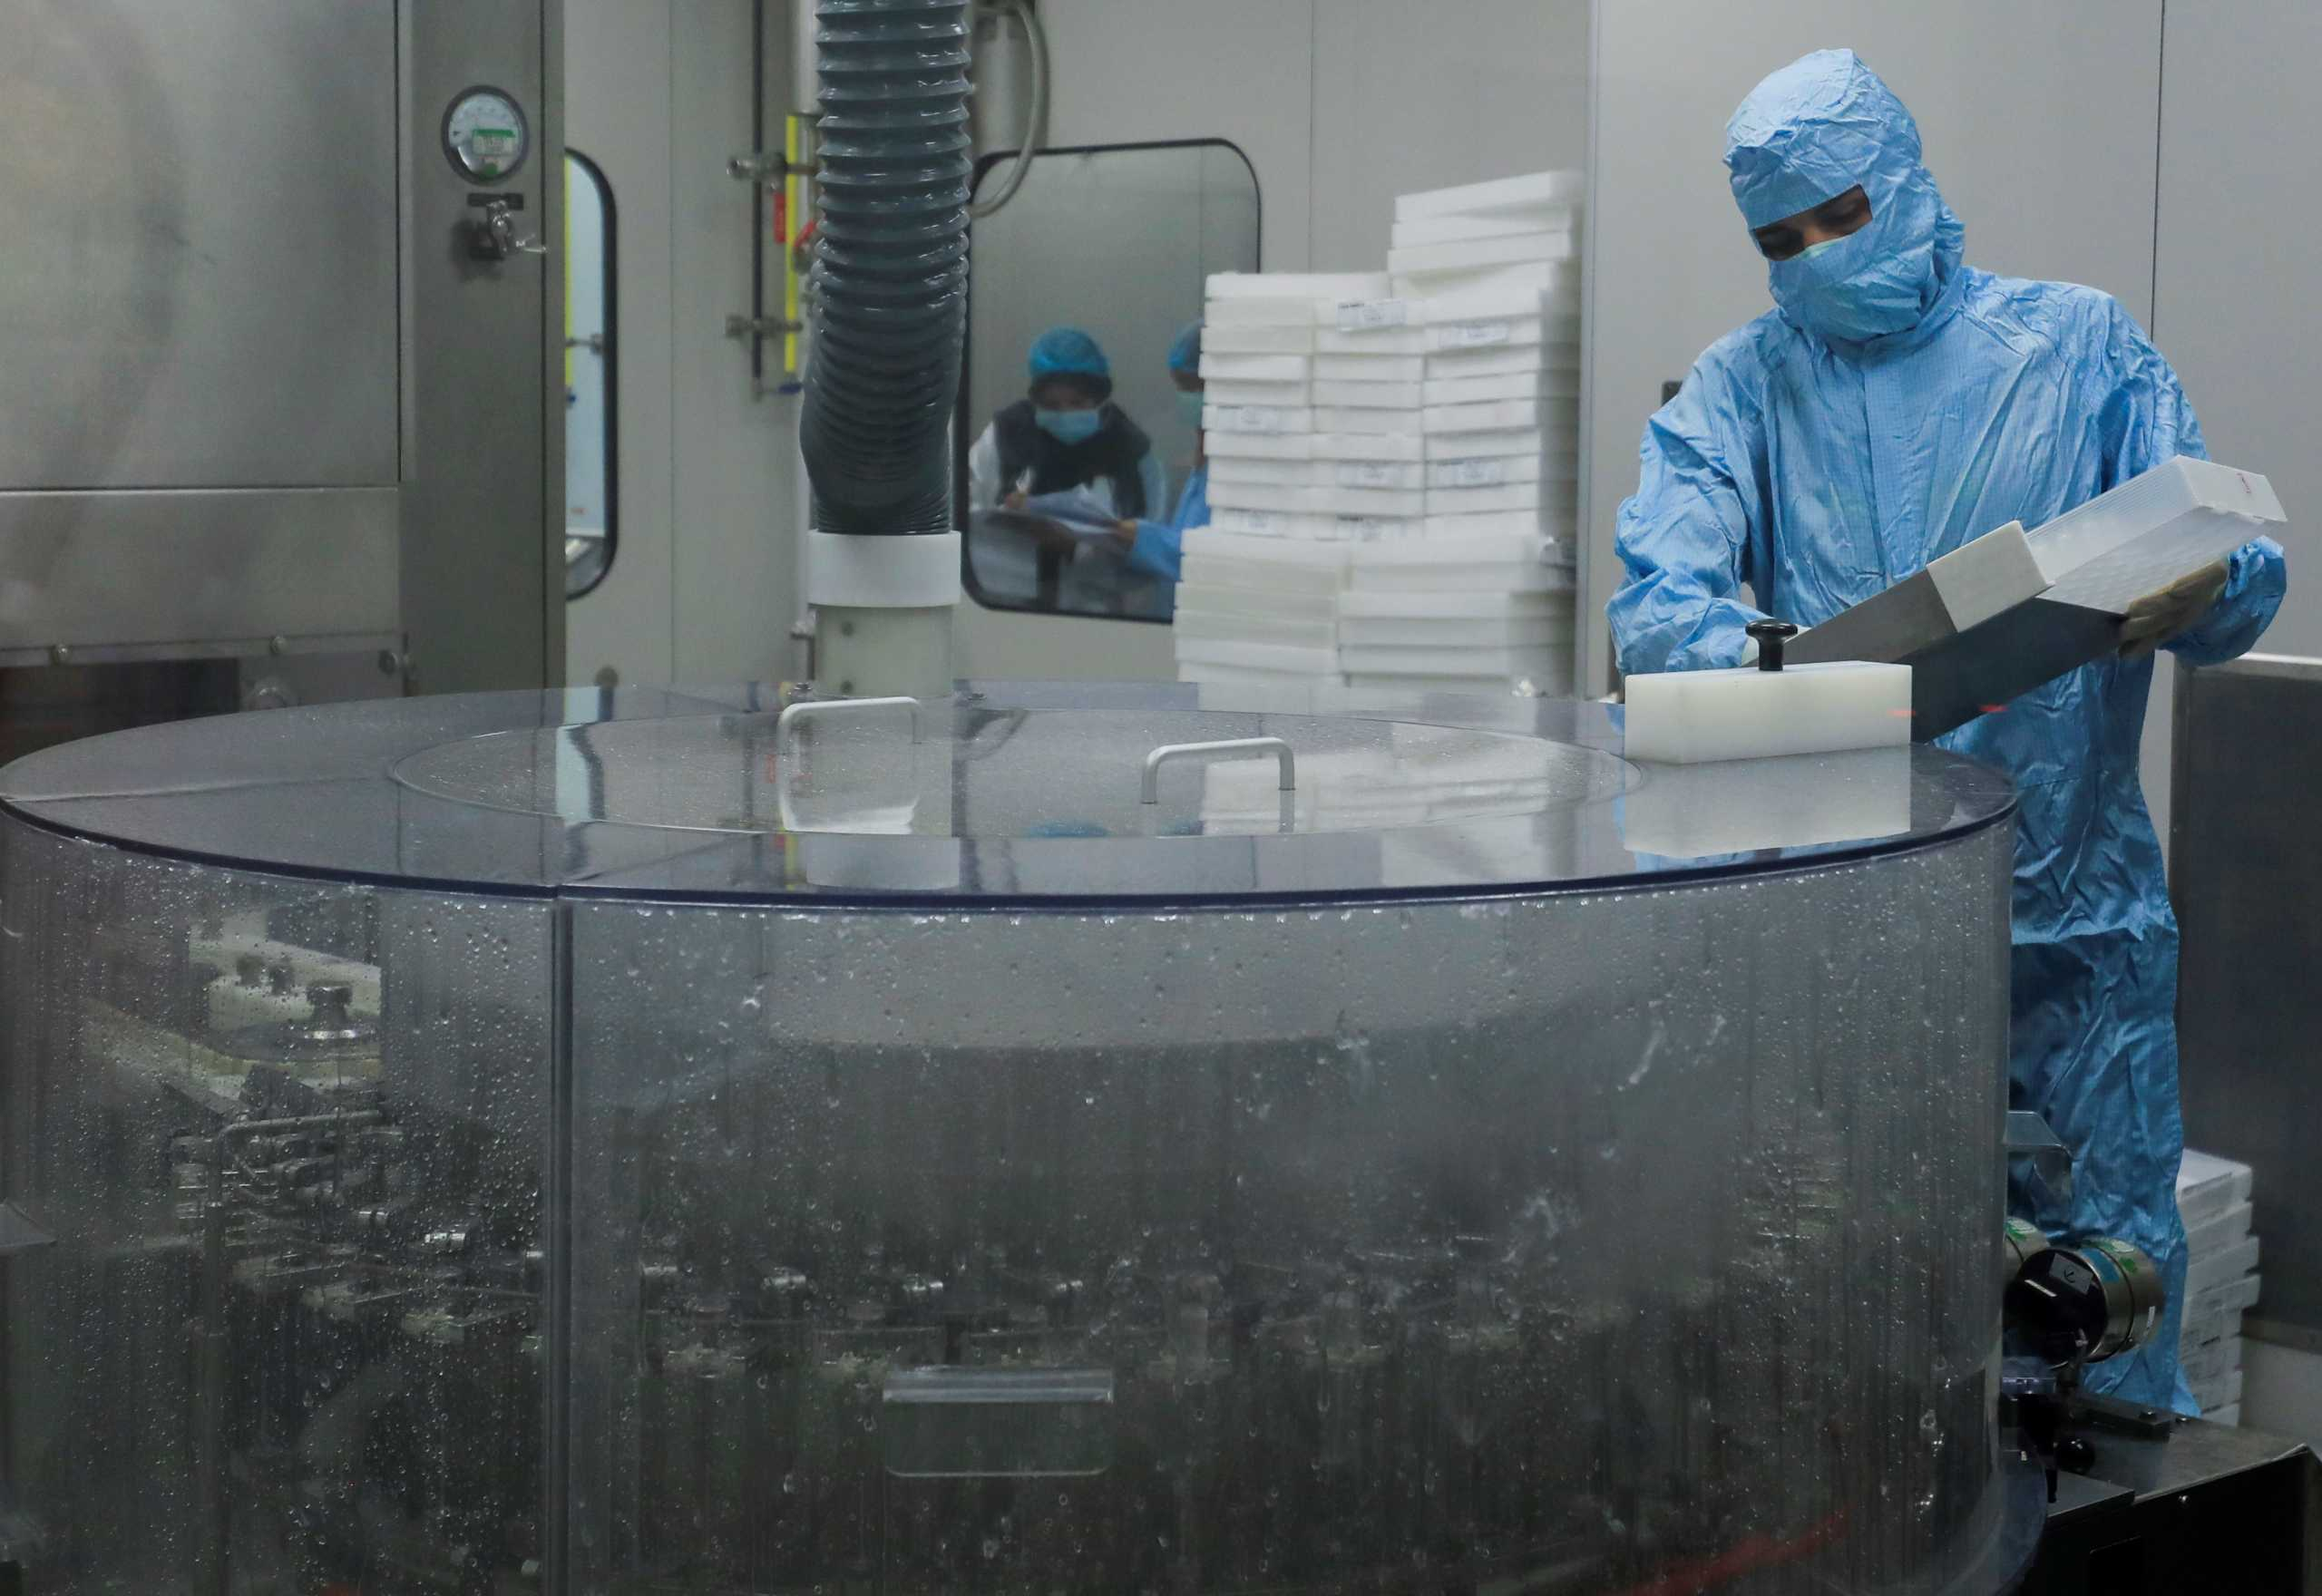 Γερμανία: Η κυβέρνηση χρηματοδοτεί 6 σκευάσματα κατά του κορονοϊού